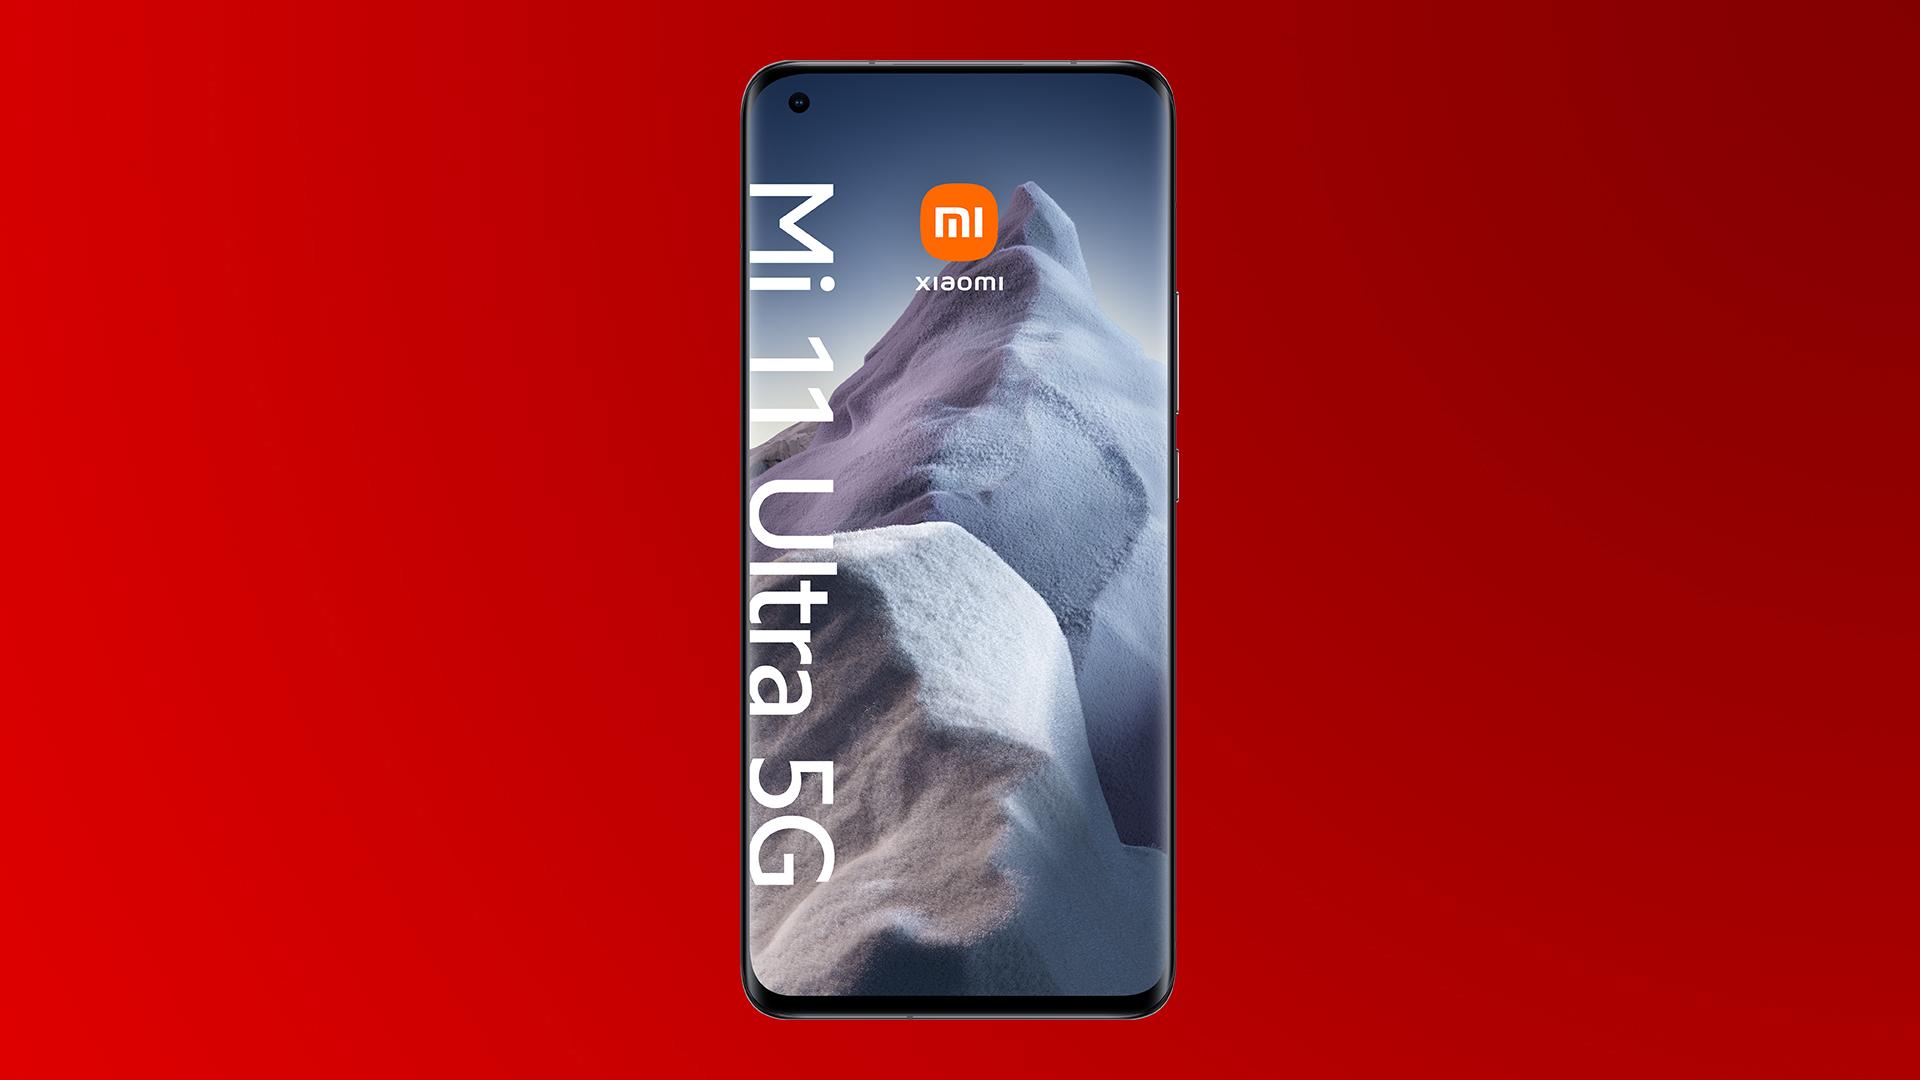 Das Display des neuen Xiaomi Mi 11 Ultra 5G in Ceramic Black.